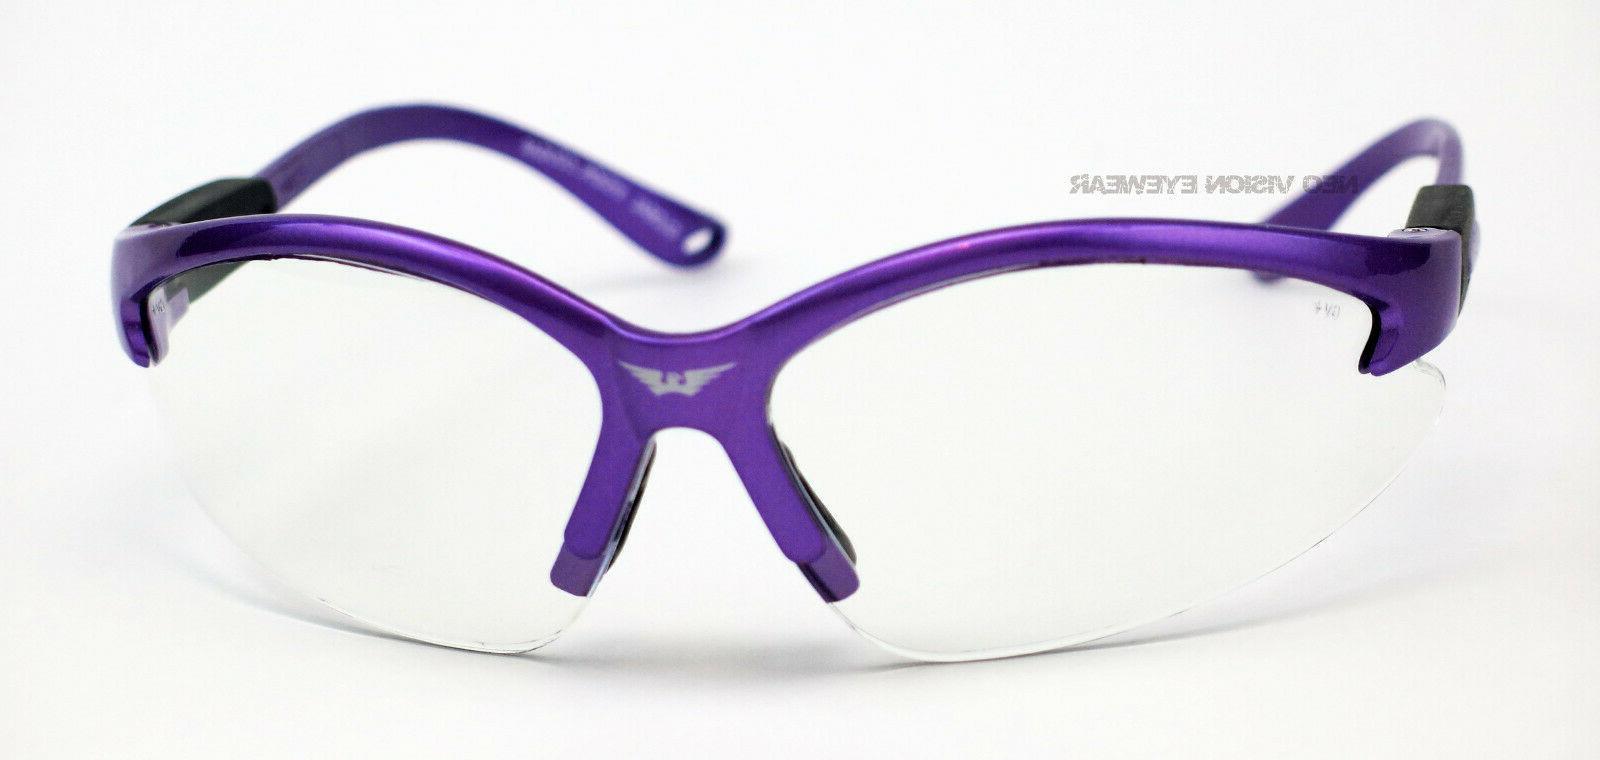 Global Cougar Frame Clear Lens Glasses